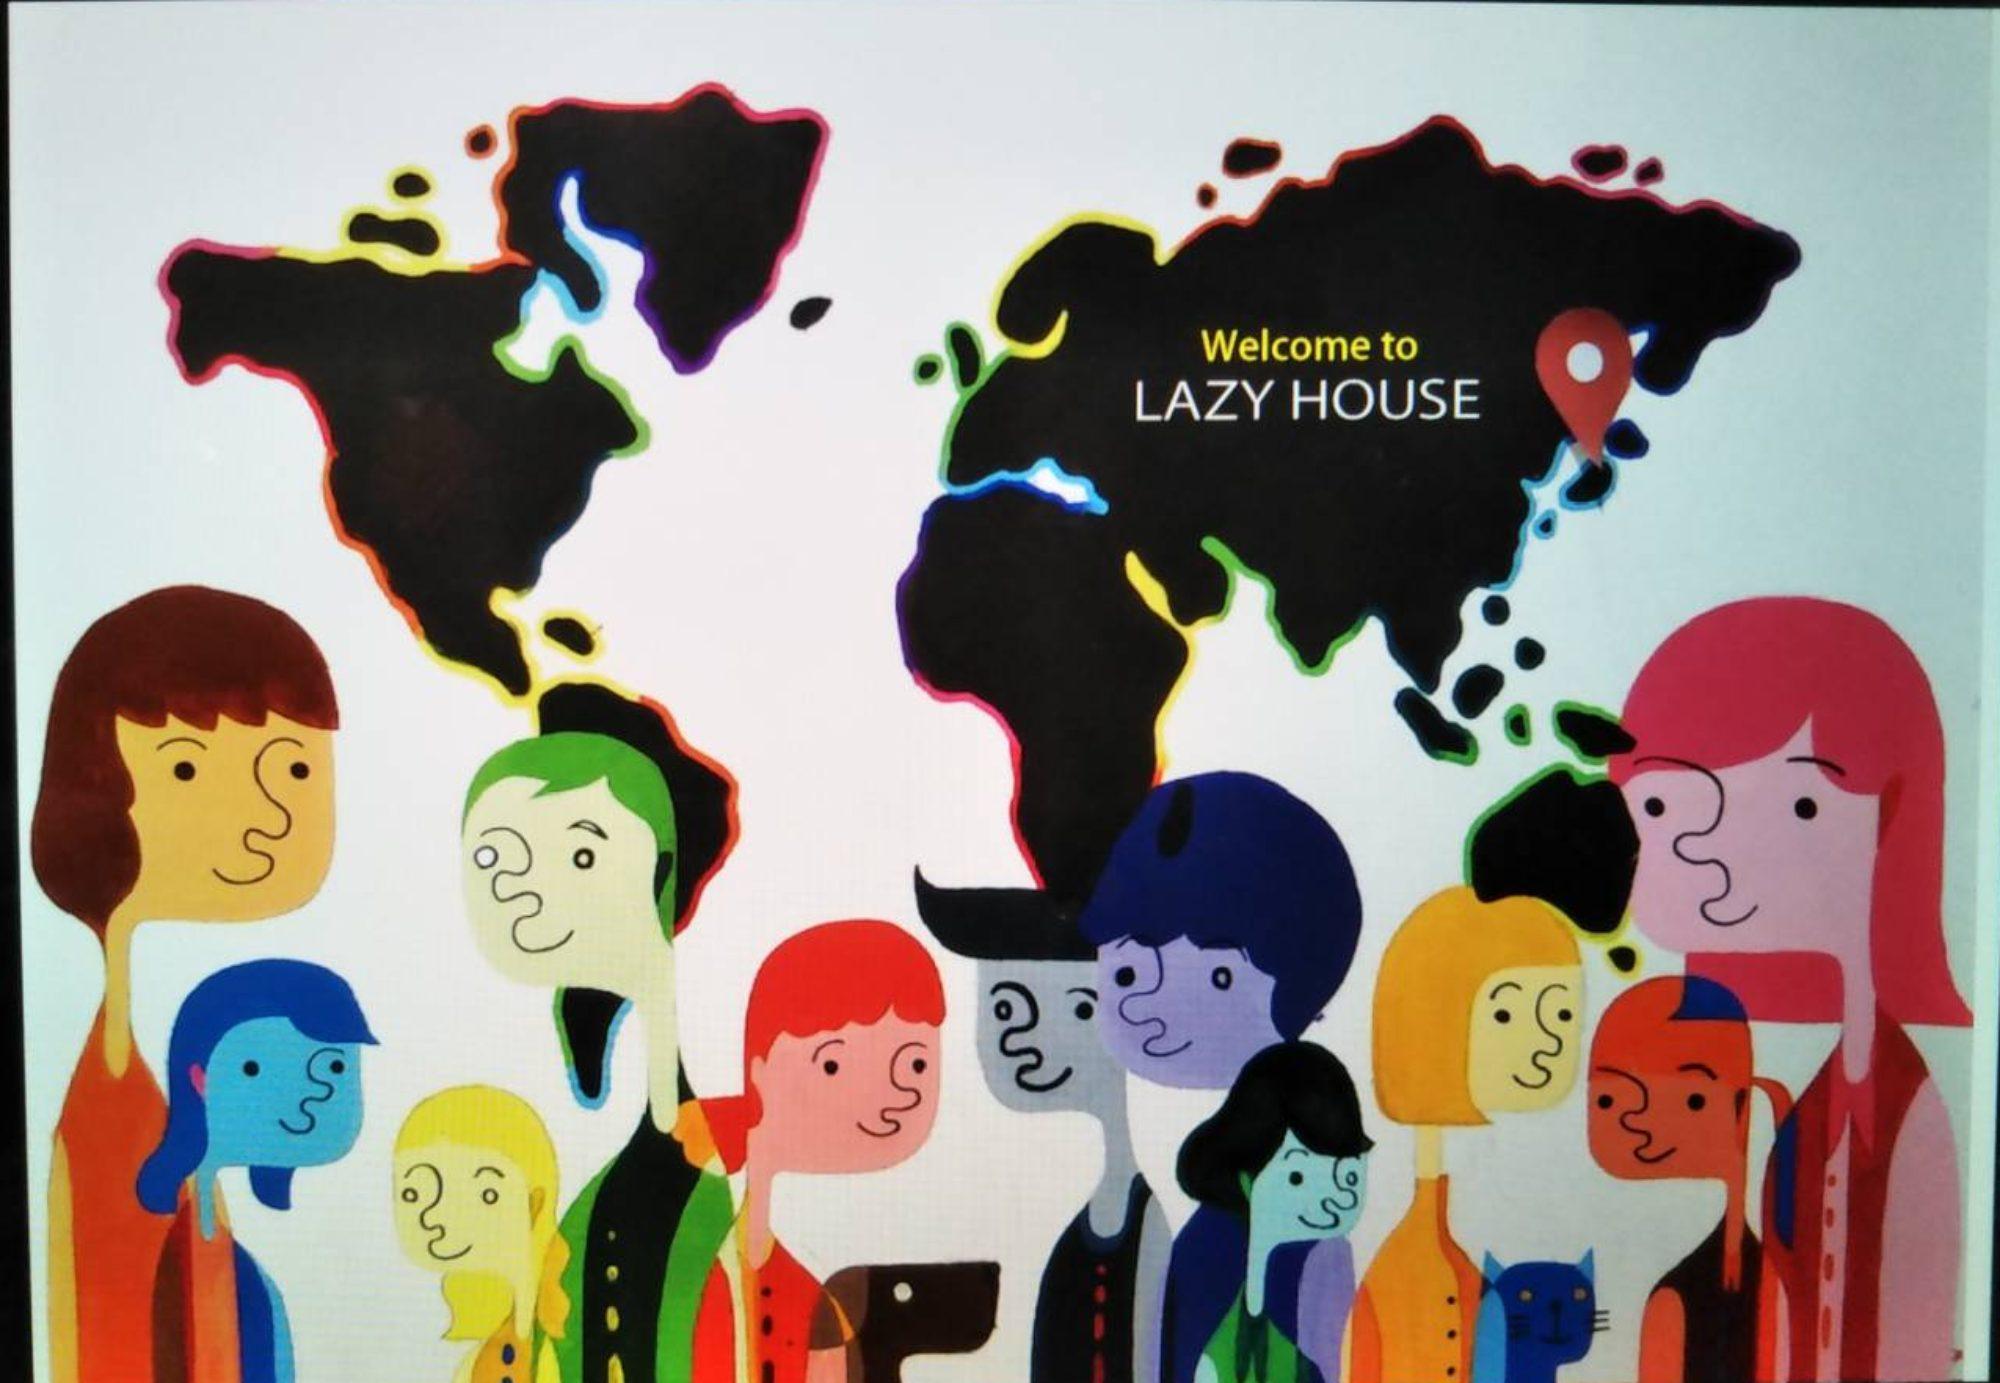 岡山のゲストハウス LAZY HOUSE